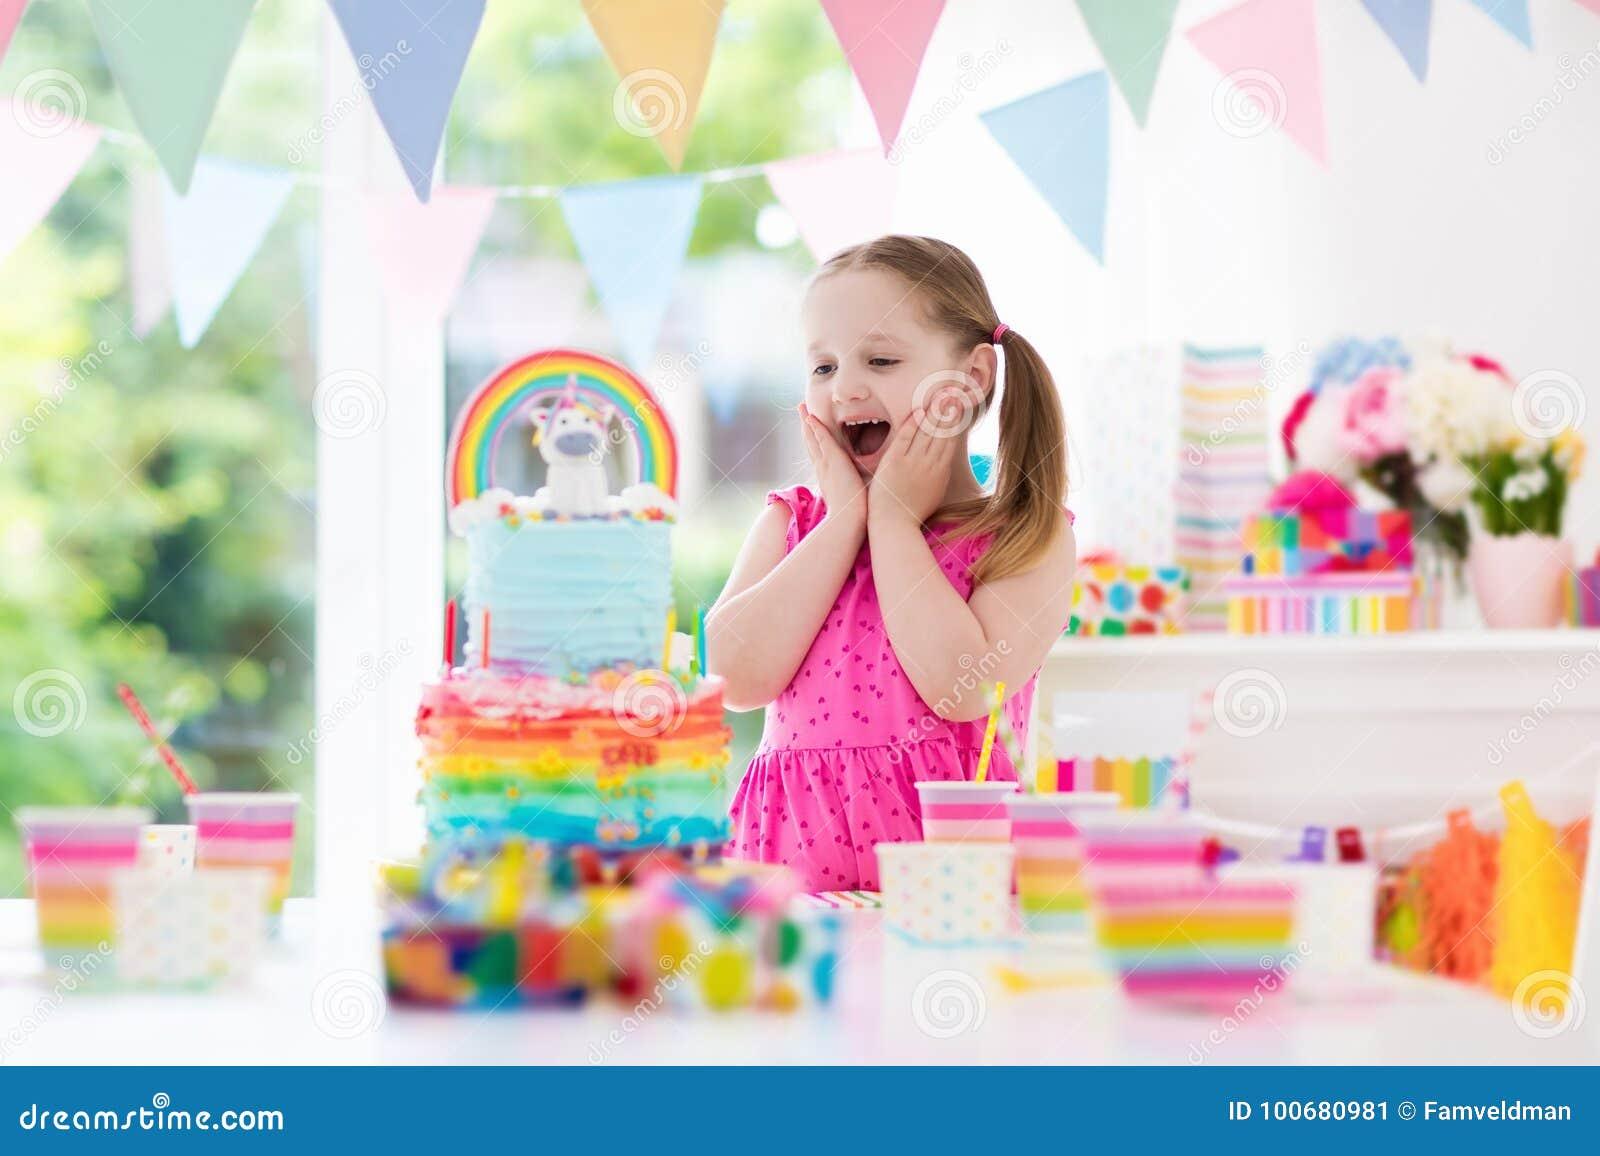 De verjaardagspartij van jonge geitjes Meisje met cake